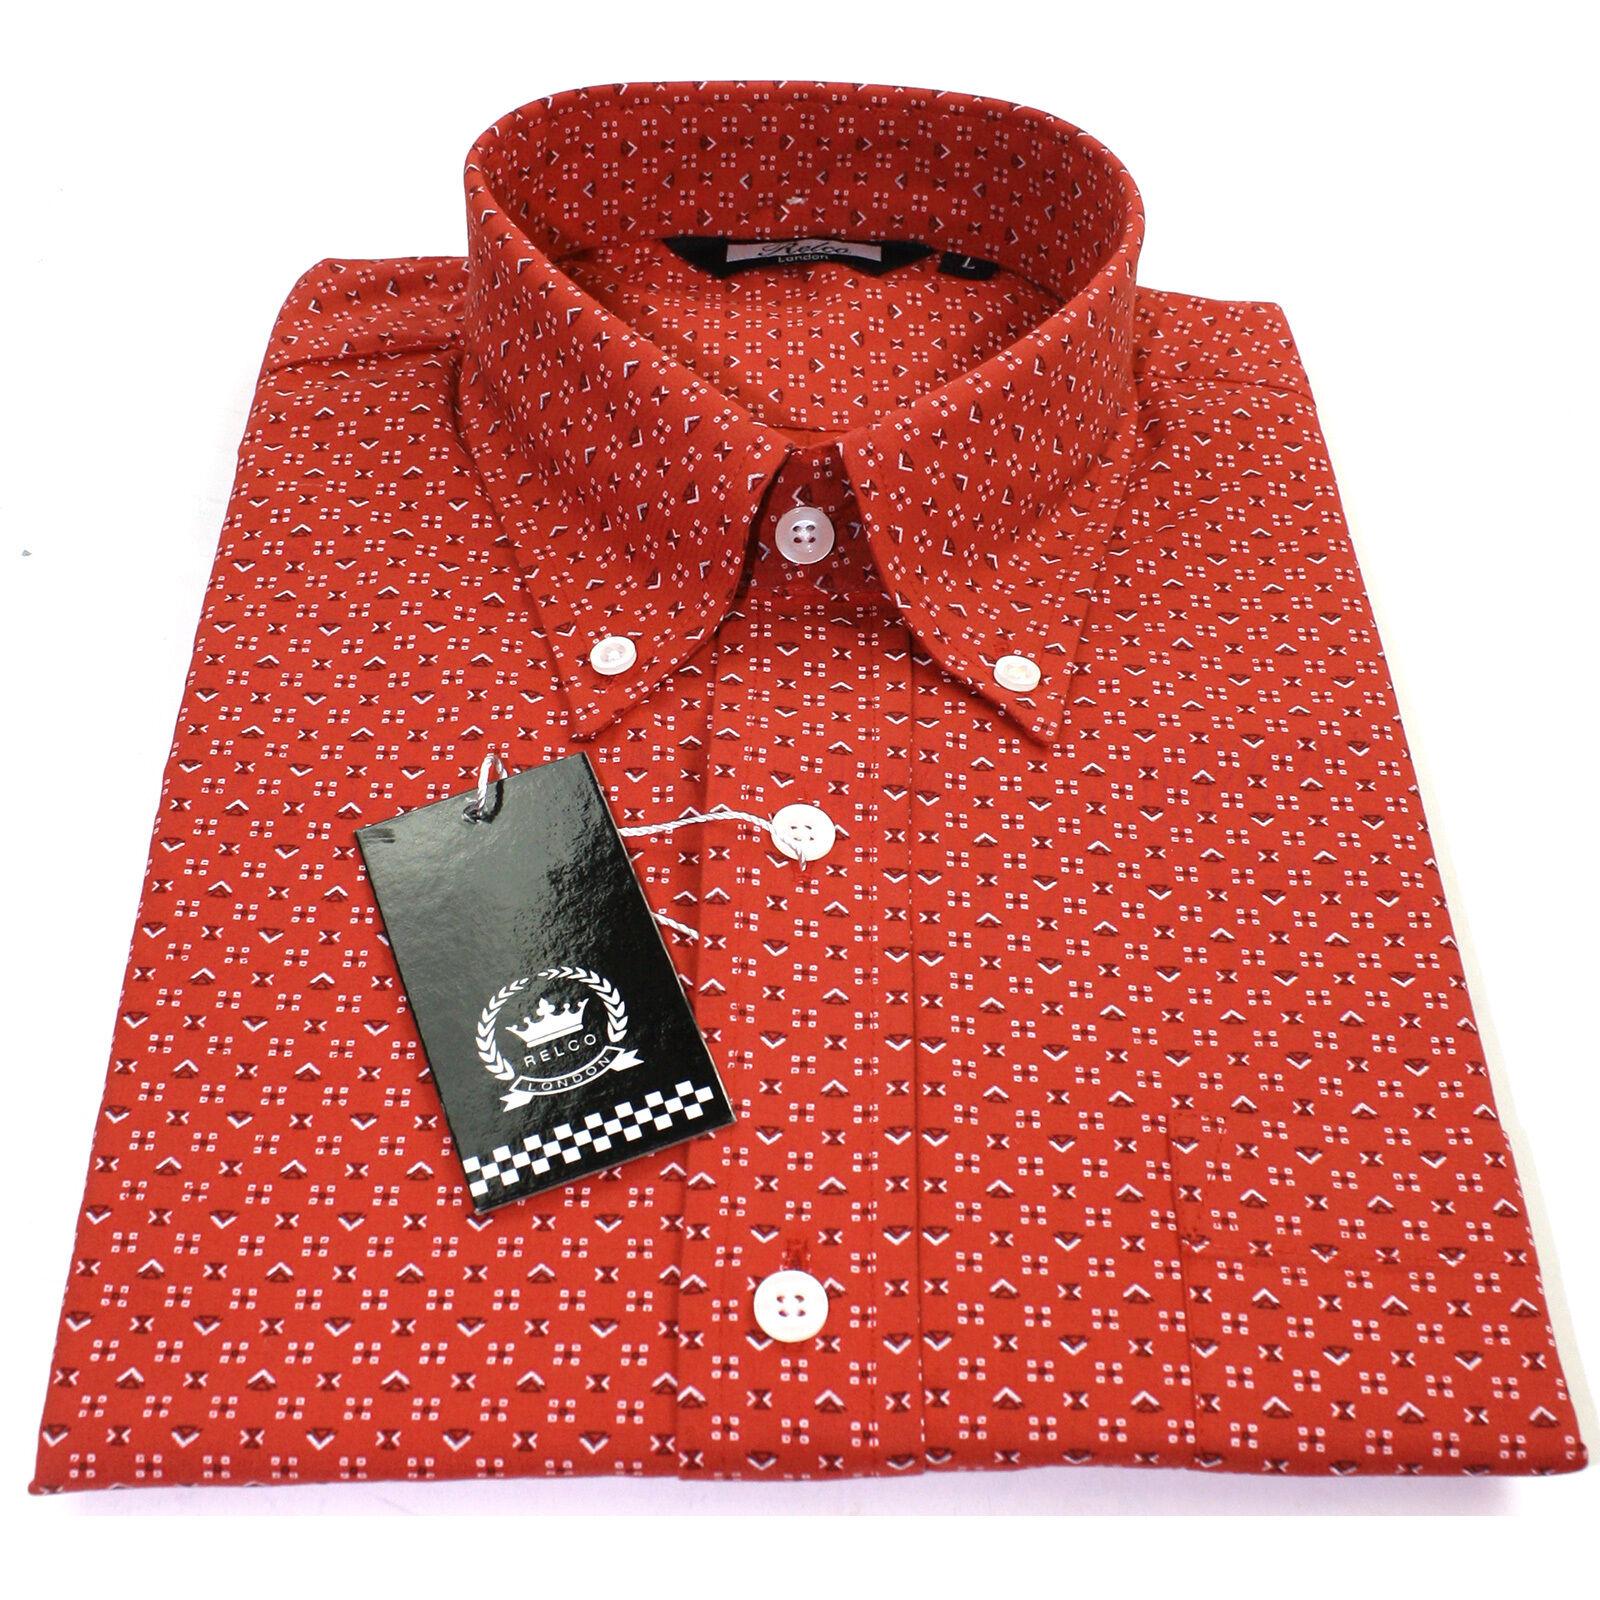 Relco Herren Orange Orange Orange rot langärmlig Hemd mit Knöpfkragen Psychedelische | Zu verkaufen  | Ermäßigung  | Gewinnen Sie hoch geschätzt  9db792